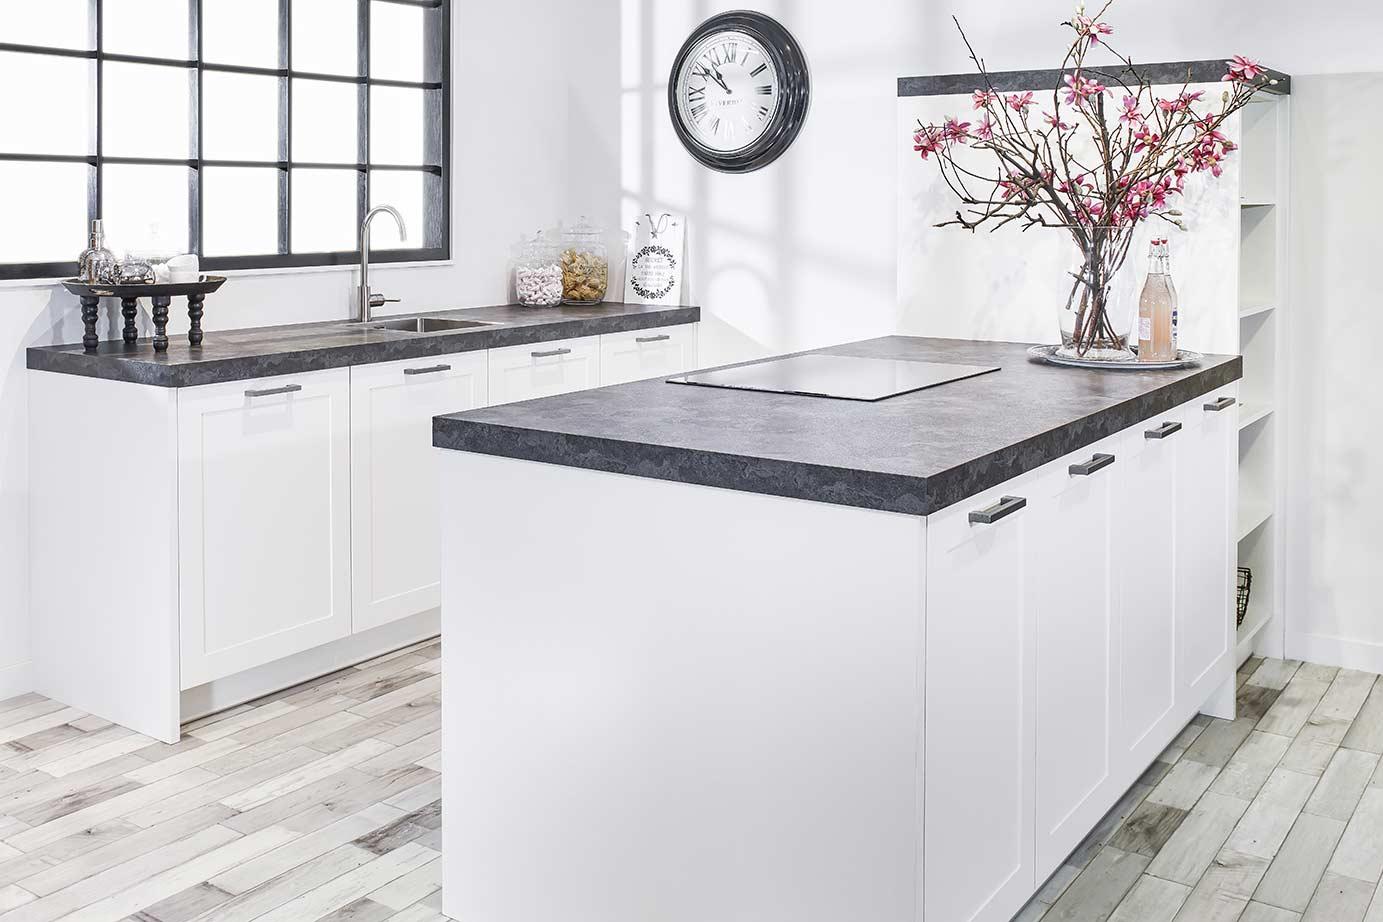 Inspiratie Smalle Keuken : Smal kookeiland kopen in iedere ruimte mogelijk db keukens